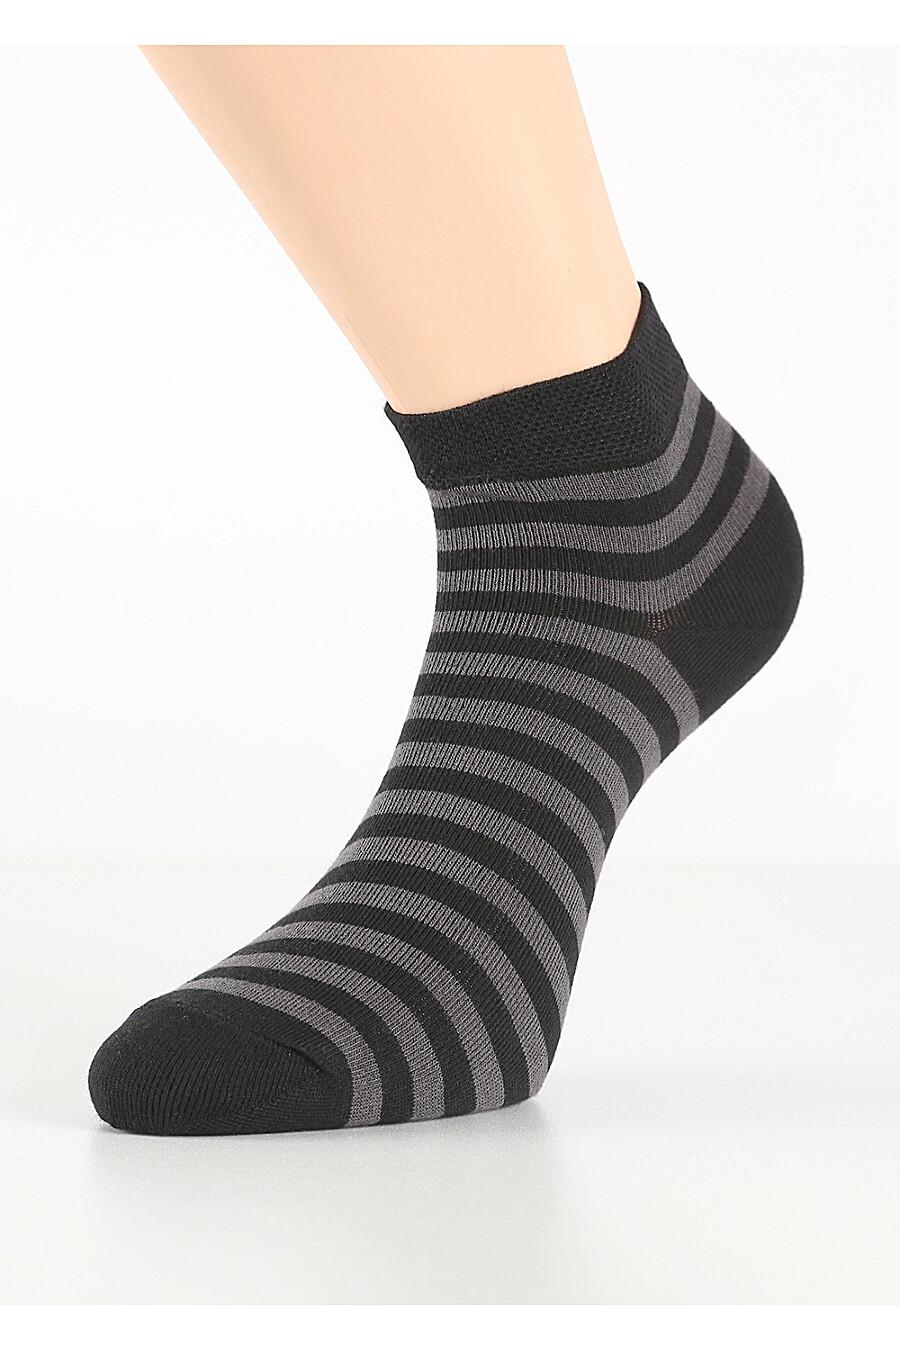 Носки для женщин CLEVER 175766 купить оптом от производителя. Совместная покупка женской одежды в OptMoyo